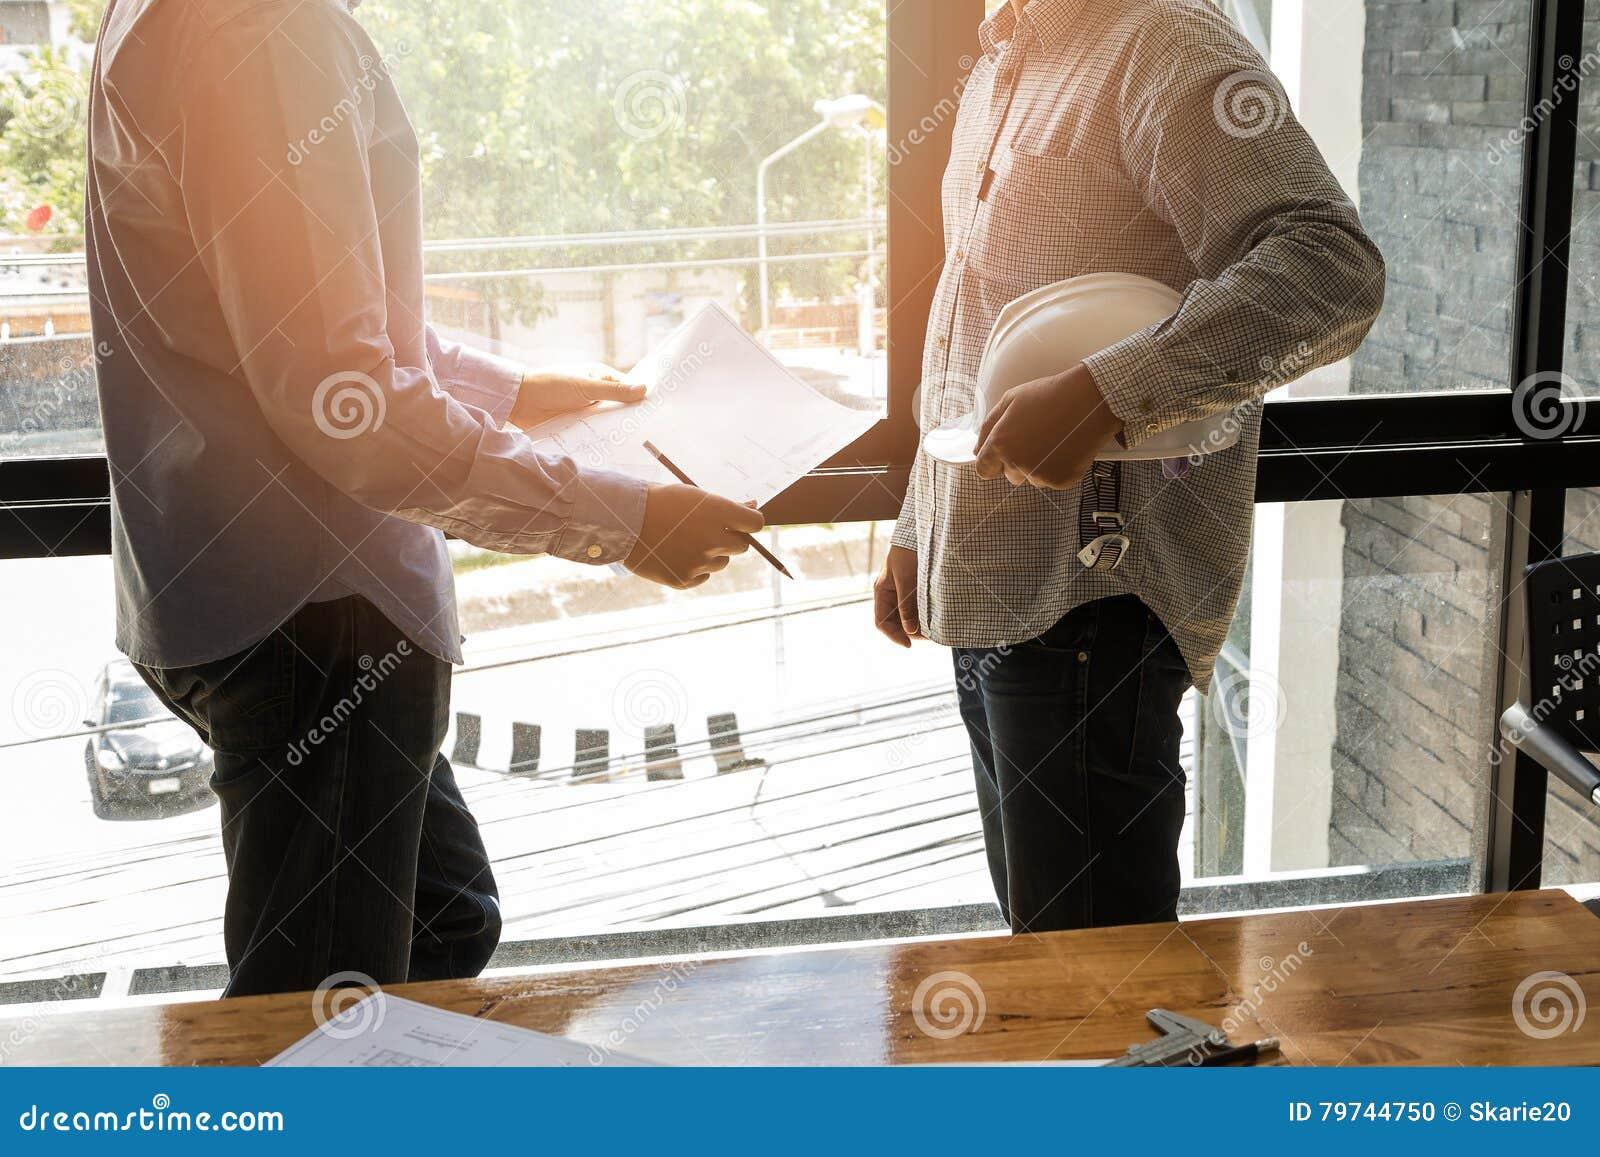 El arquitecto discute con el ingeniero sobre proyecto